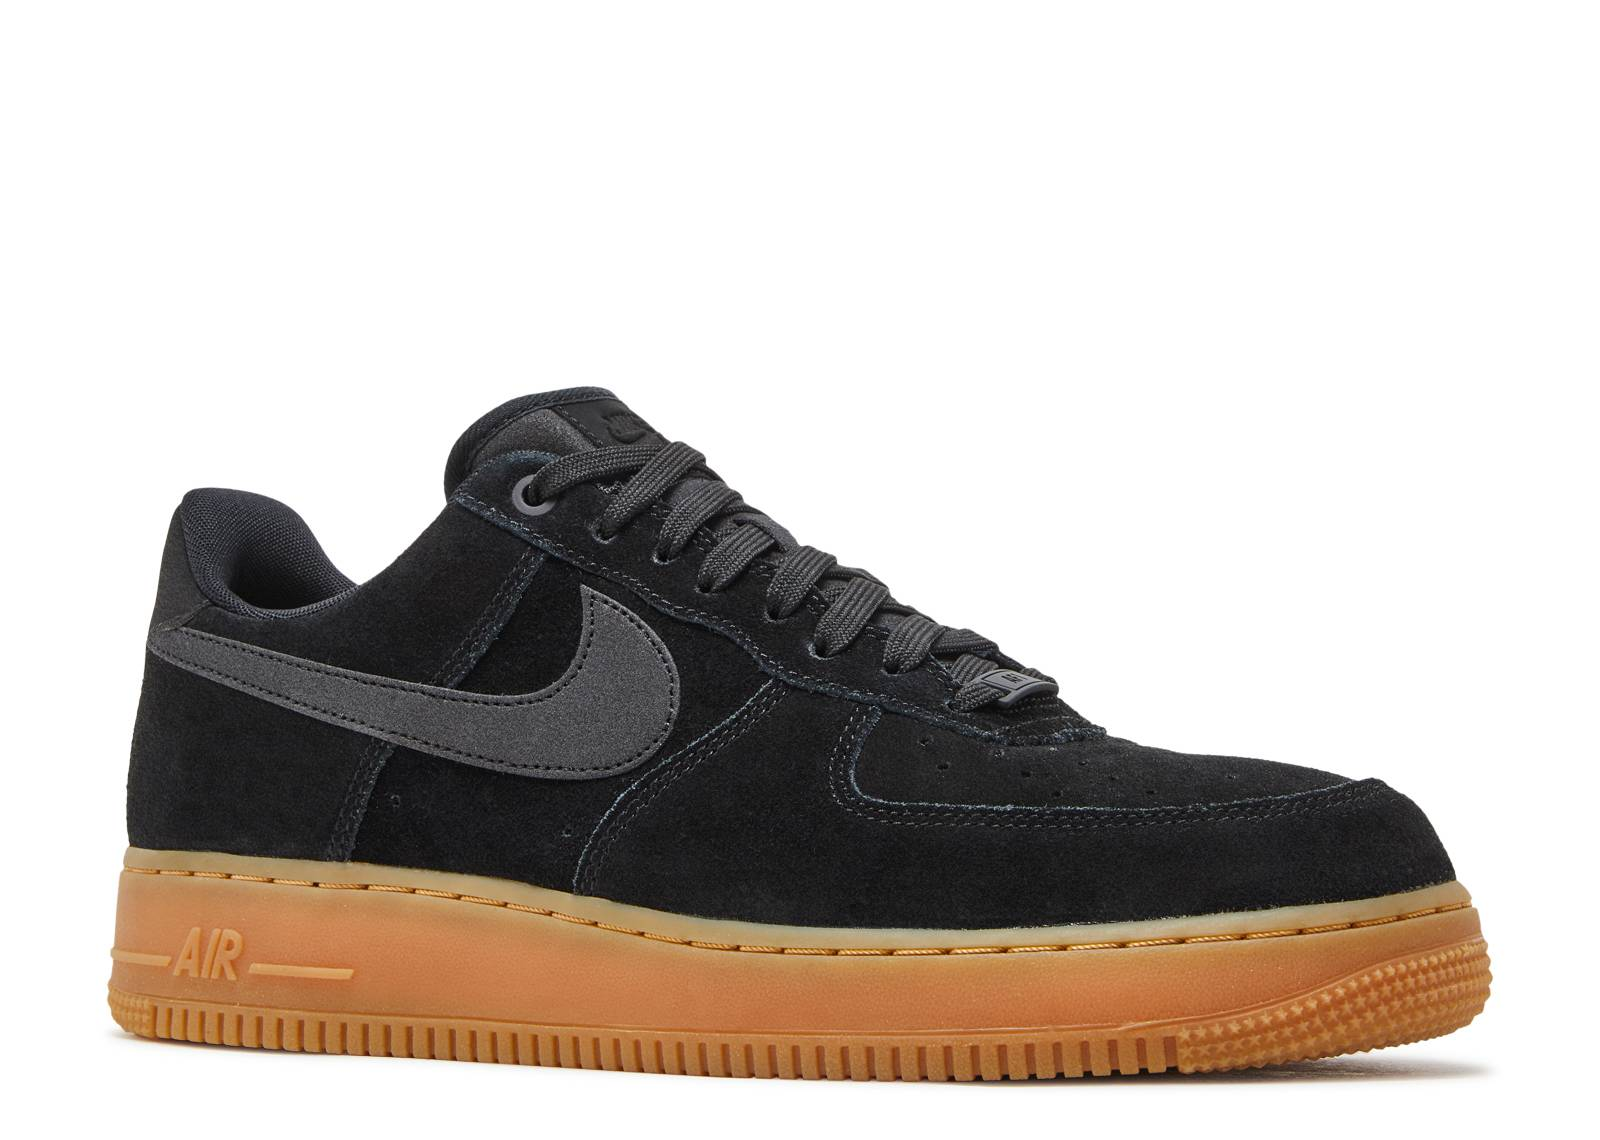 Air Force 1 07 LV8 SUEDE - Nike - AA1117 001 - black gum  8af2ad185